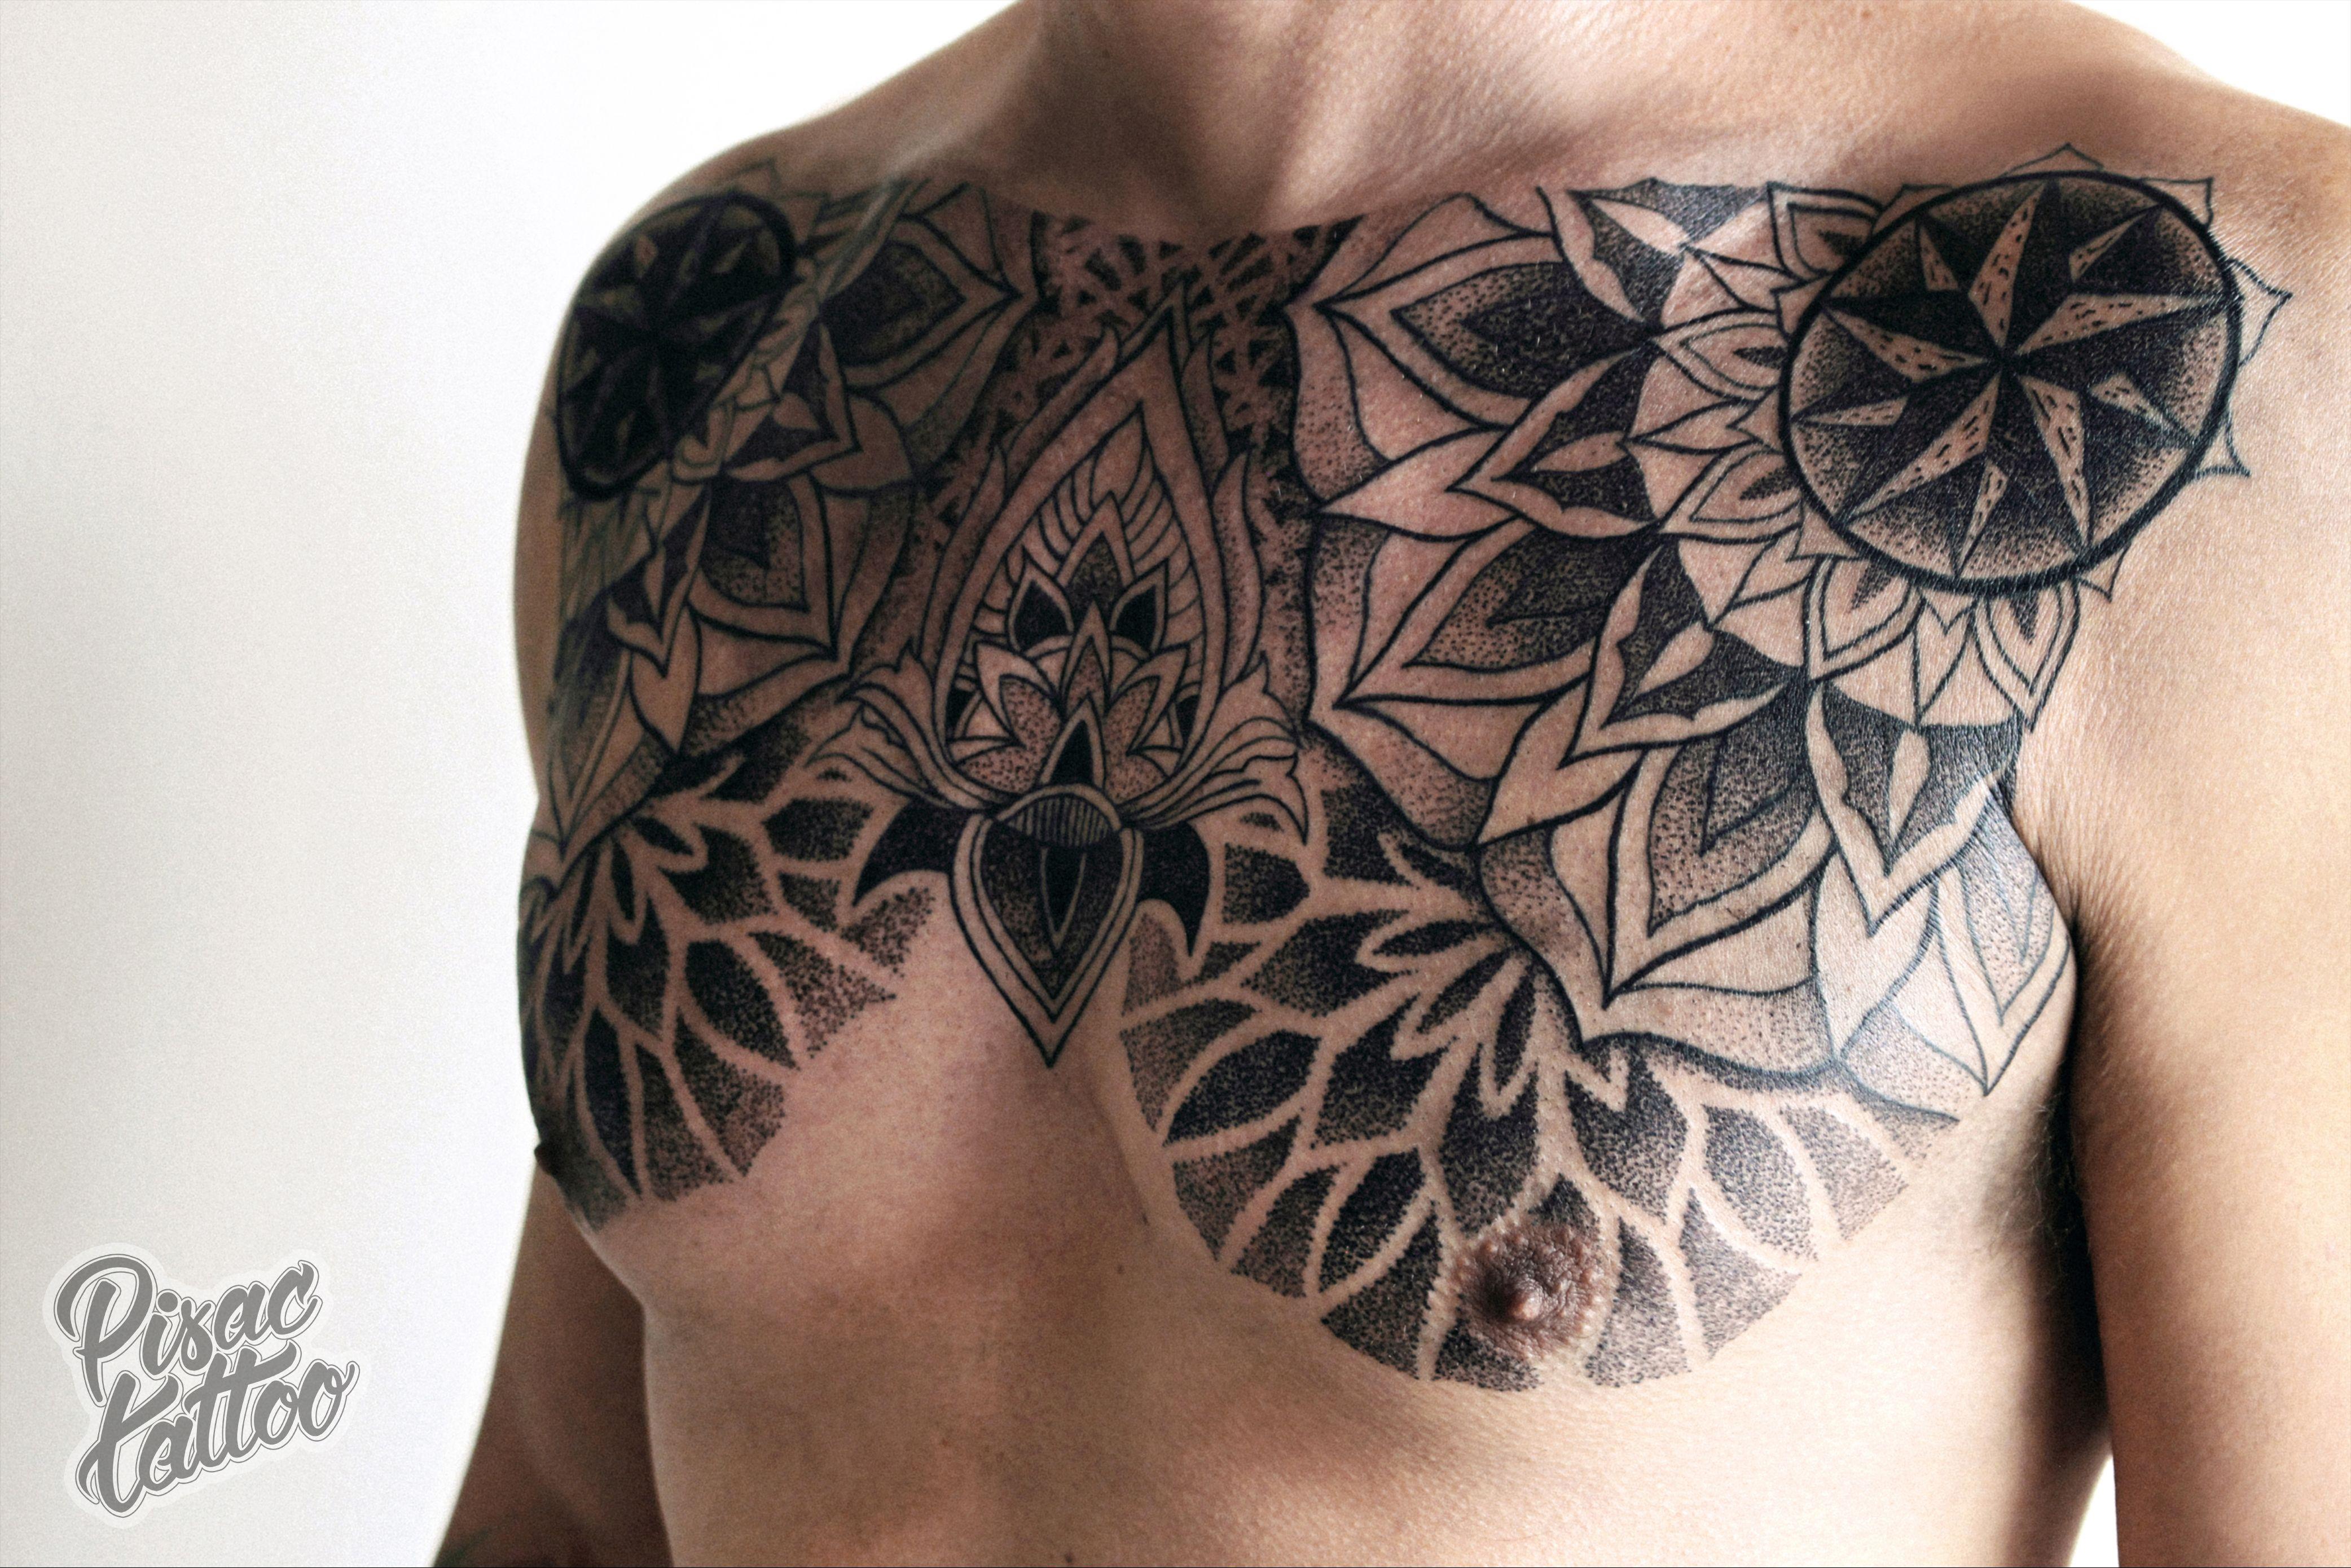 Geometric dotwork chest piece by zak korvin at pisac